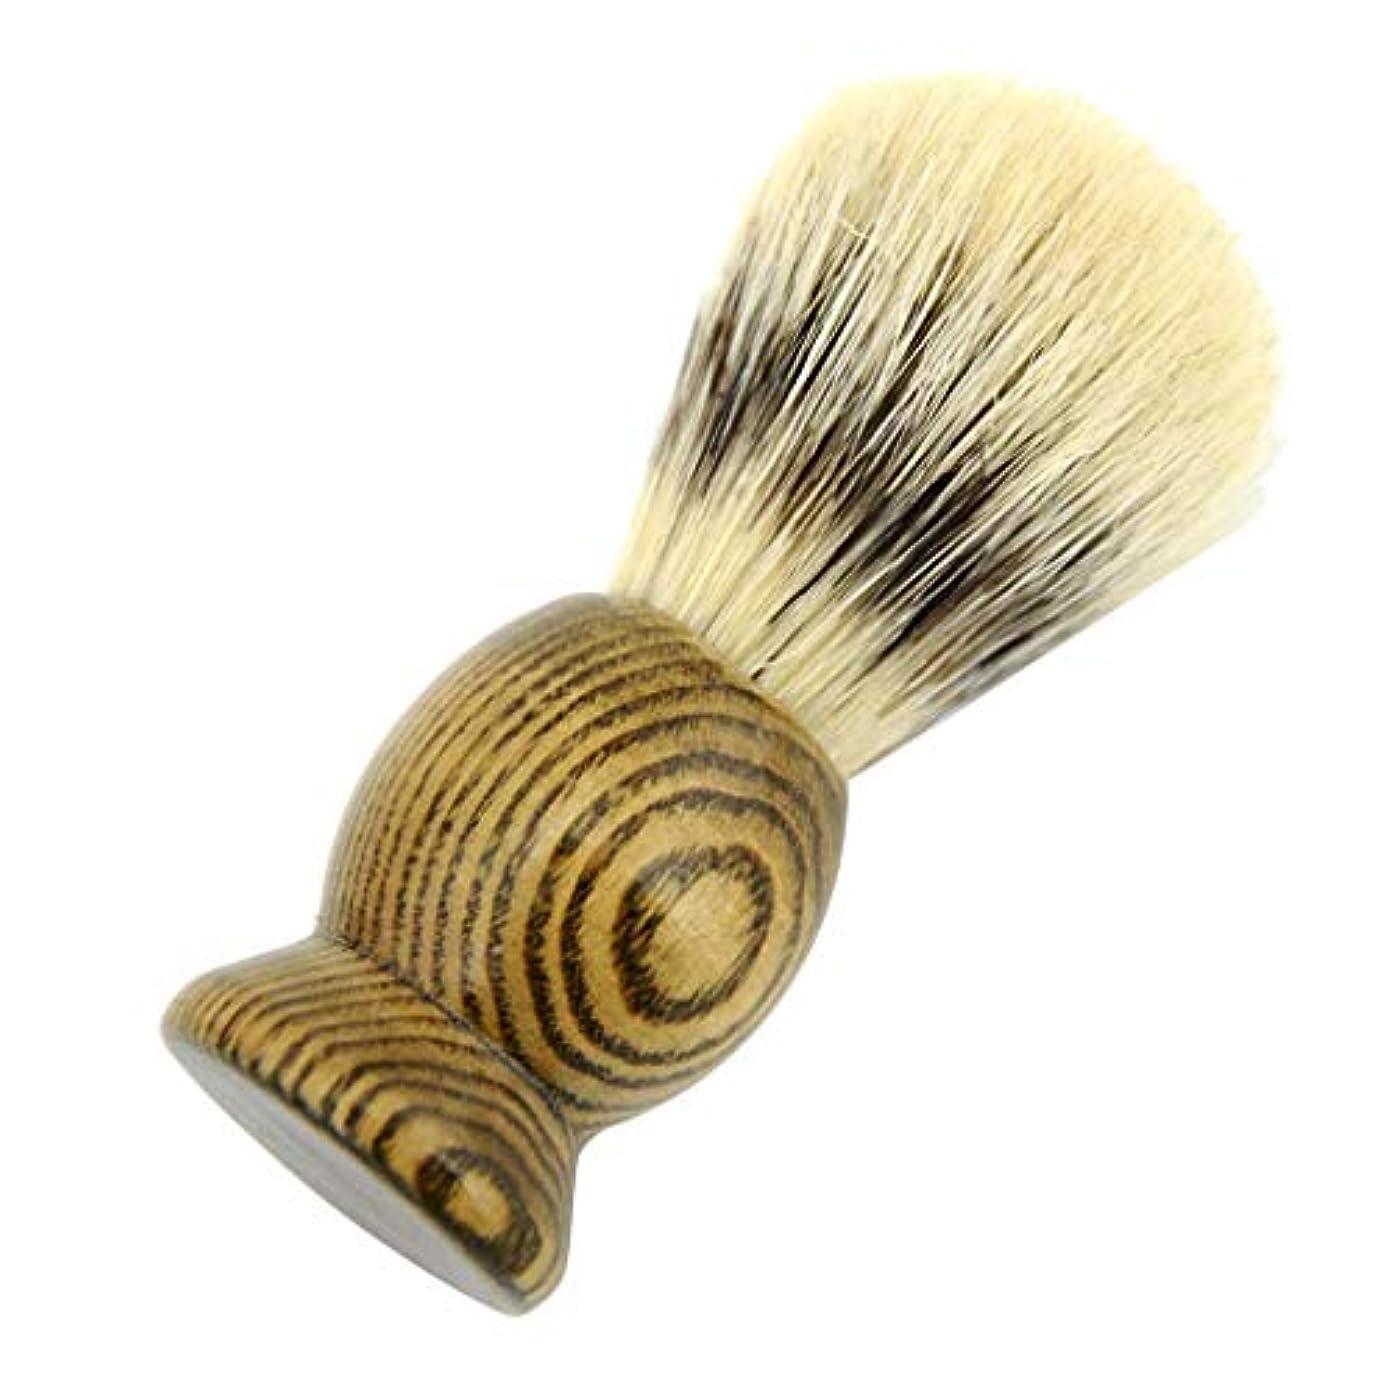 バンフリンジセラーひげブラシ メンズ シェービングブラシ 髭剃り 理容 洗顔 ポータブルひげ剃り美容ツール